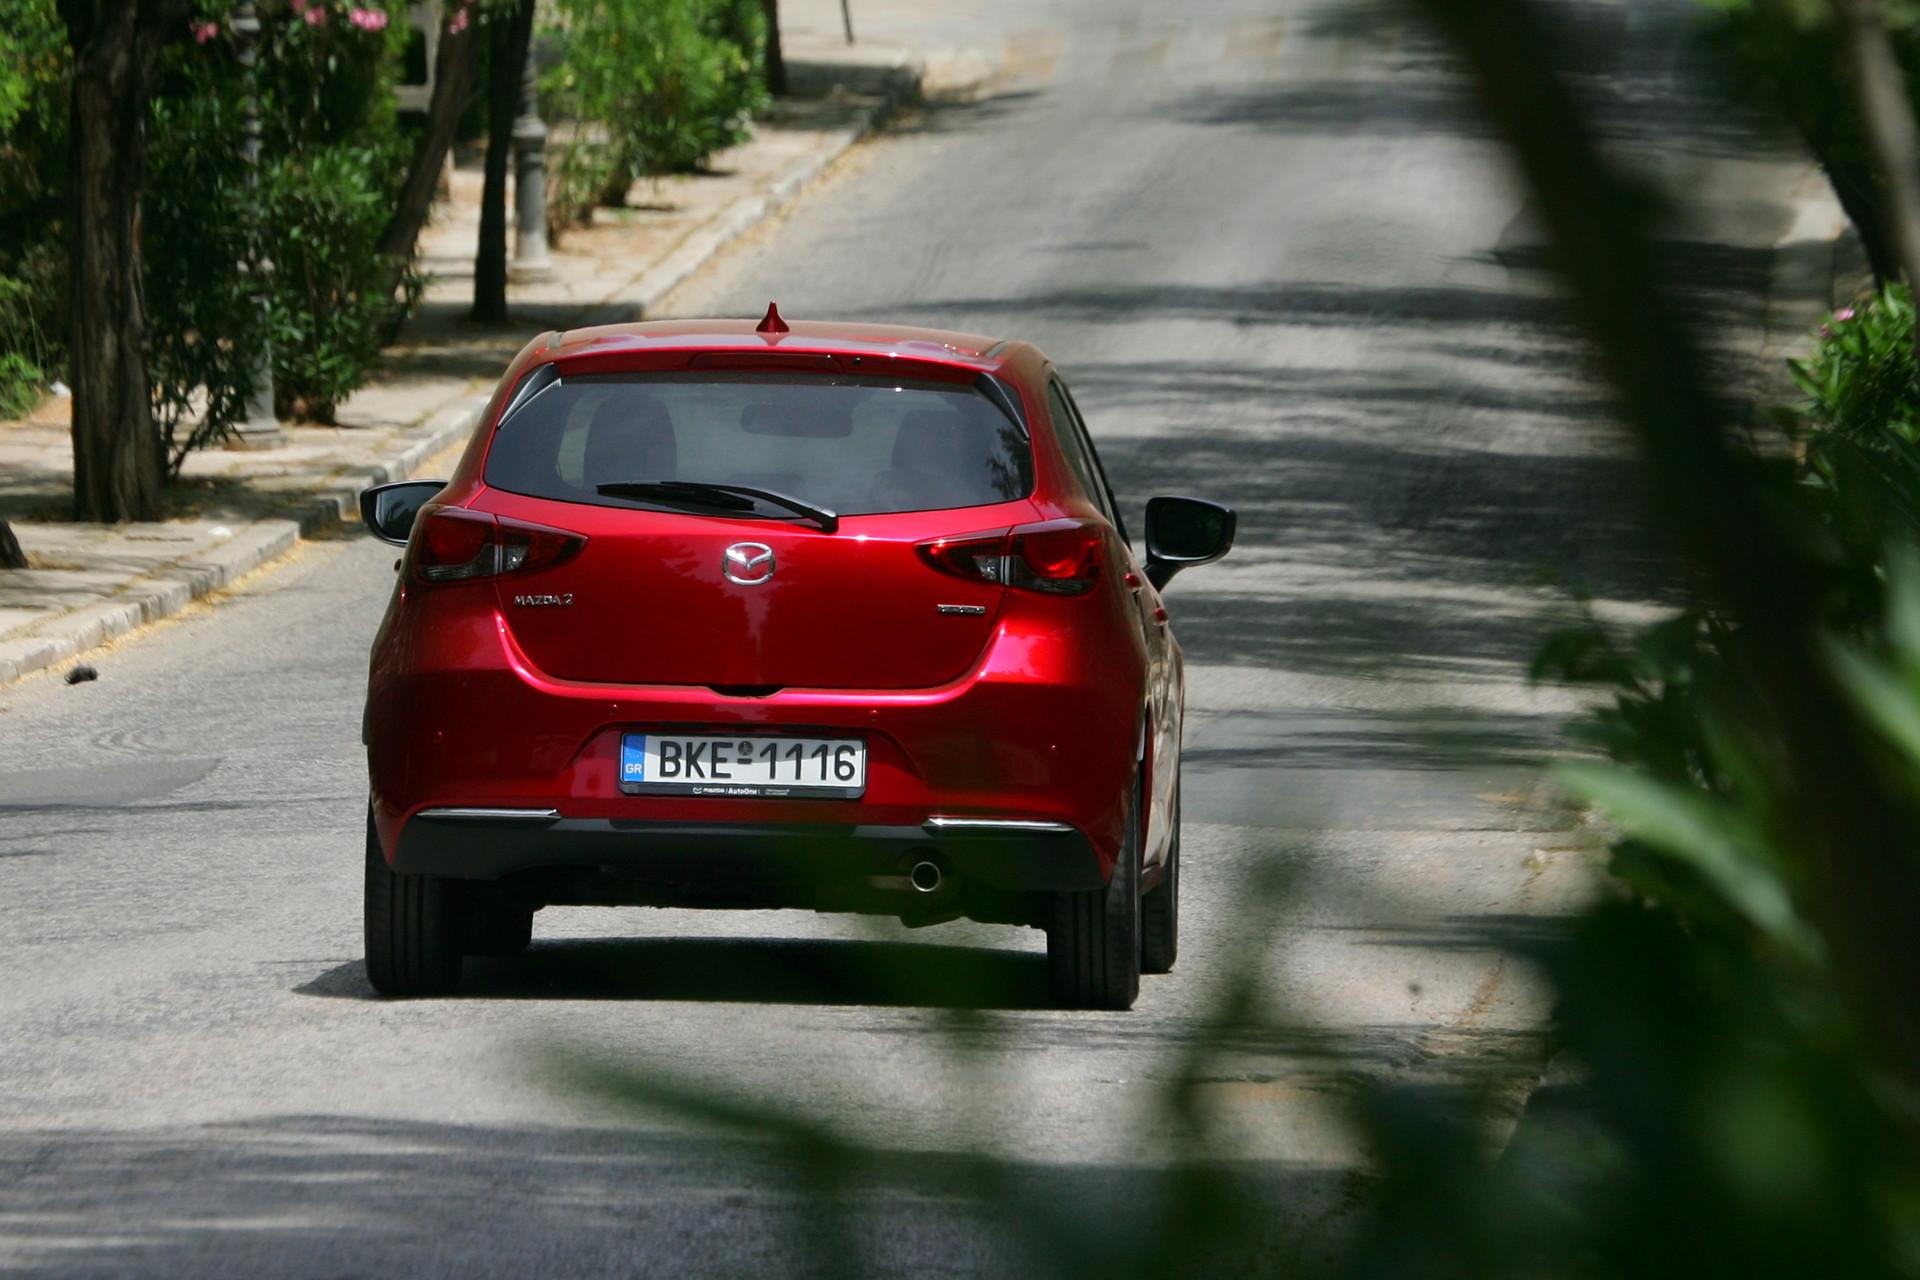 Mazda2 1.5 Skyactiv-G mHybrid 90 PS